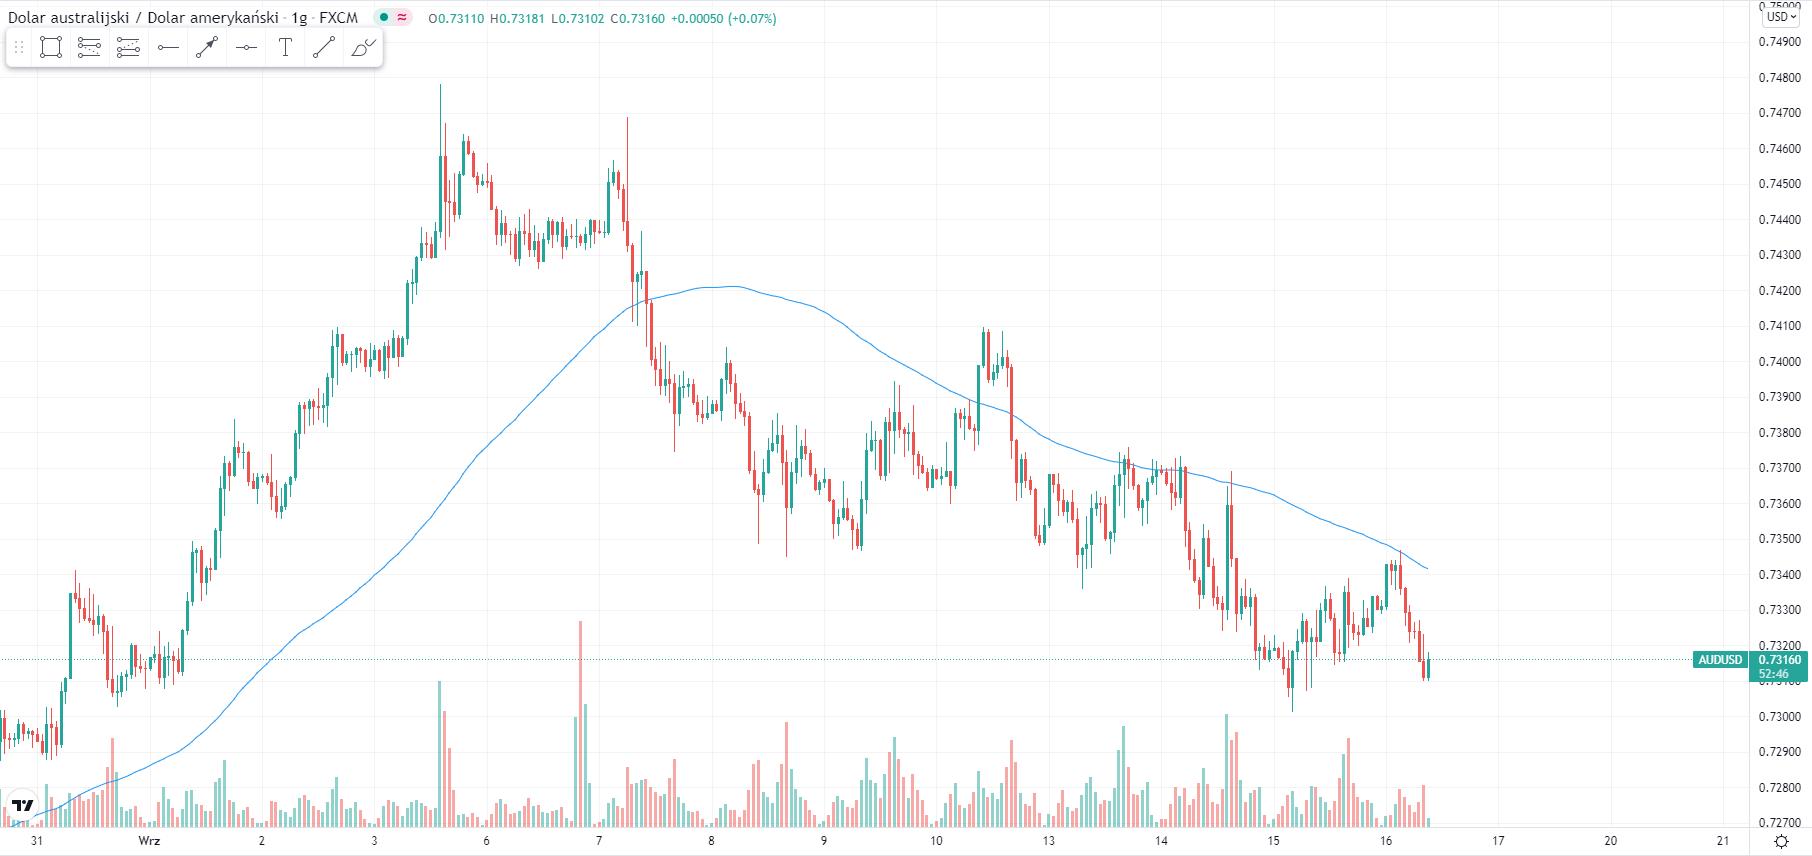 wykres Kurs dolara australijskiego AUDUSD 16.09.2021